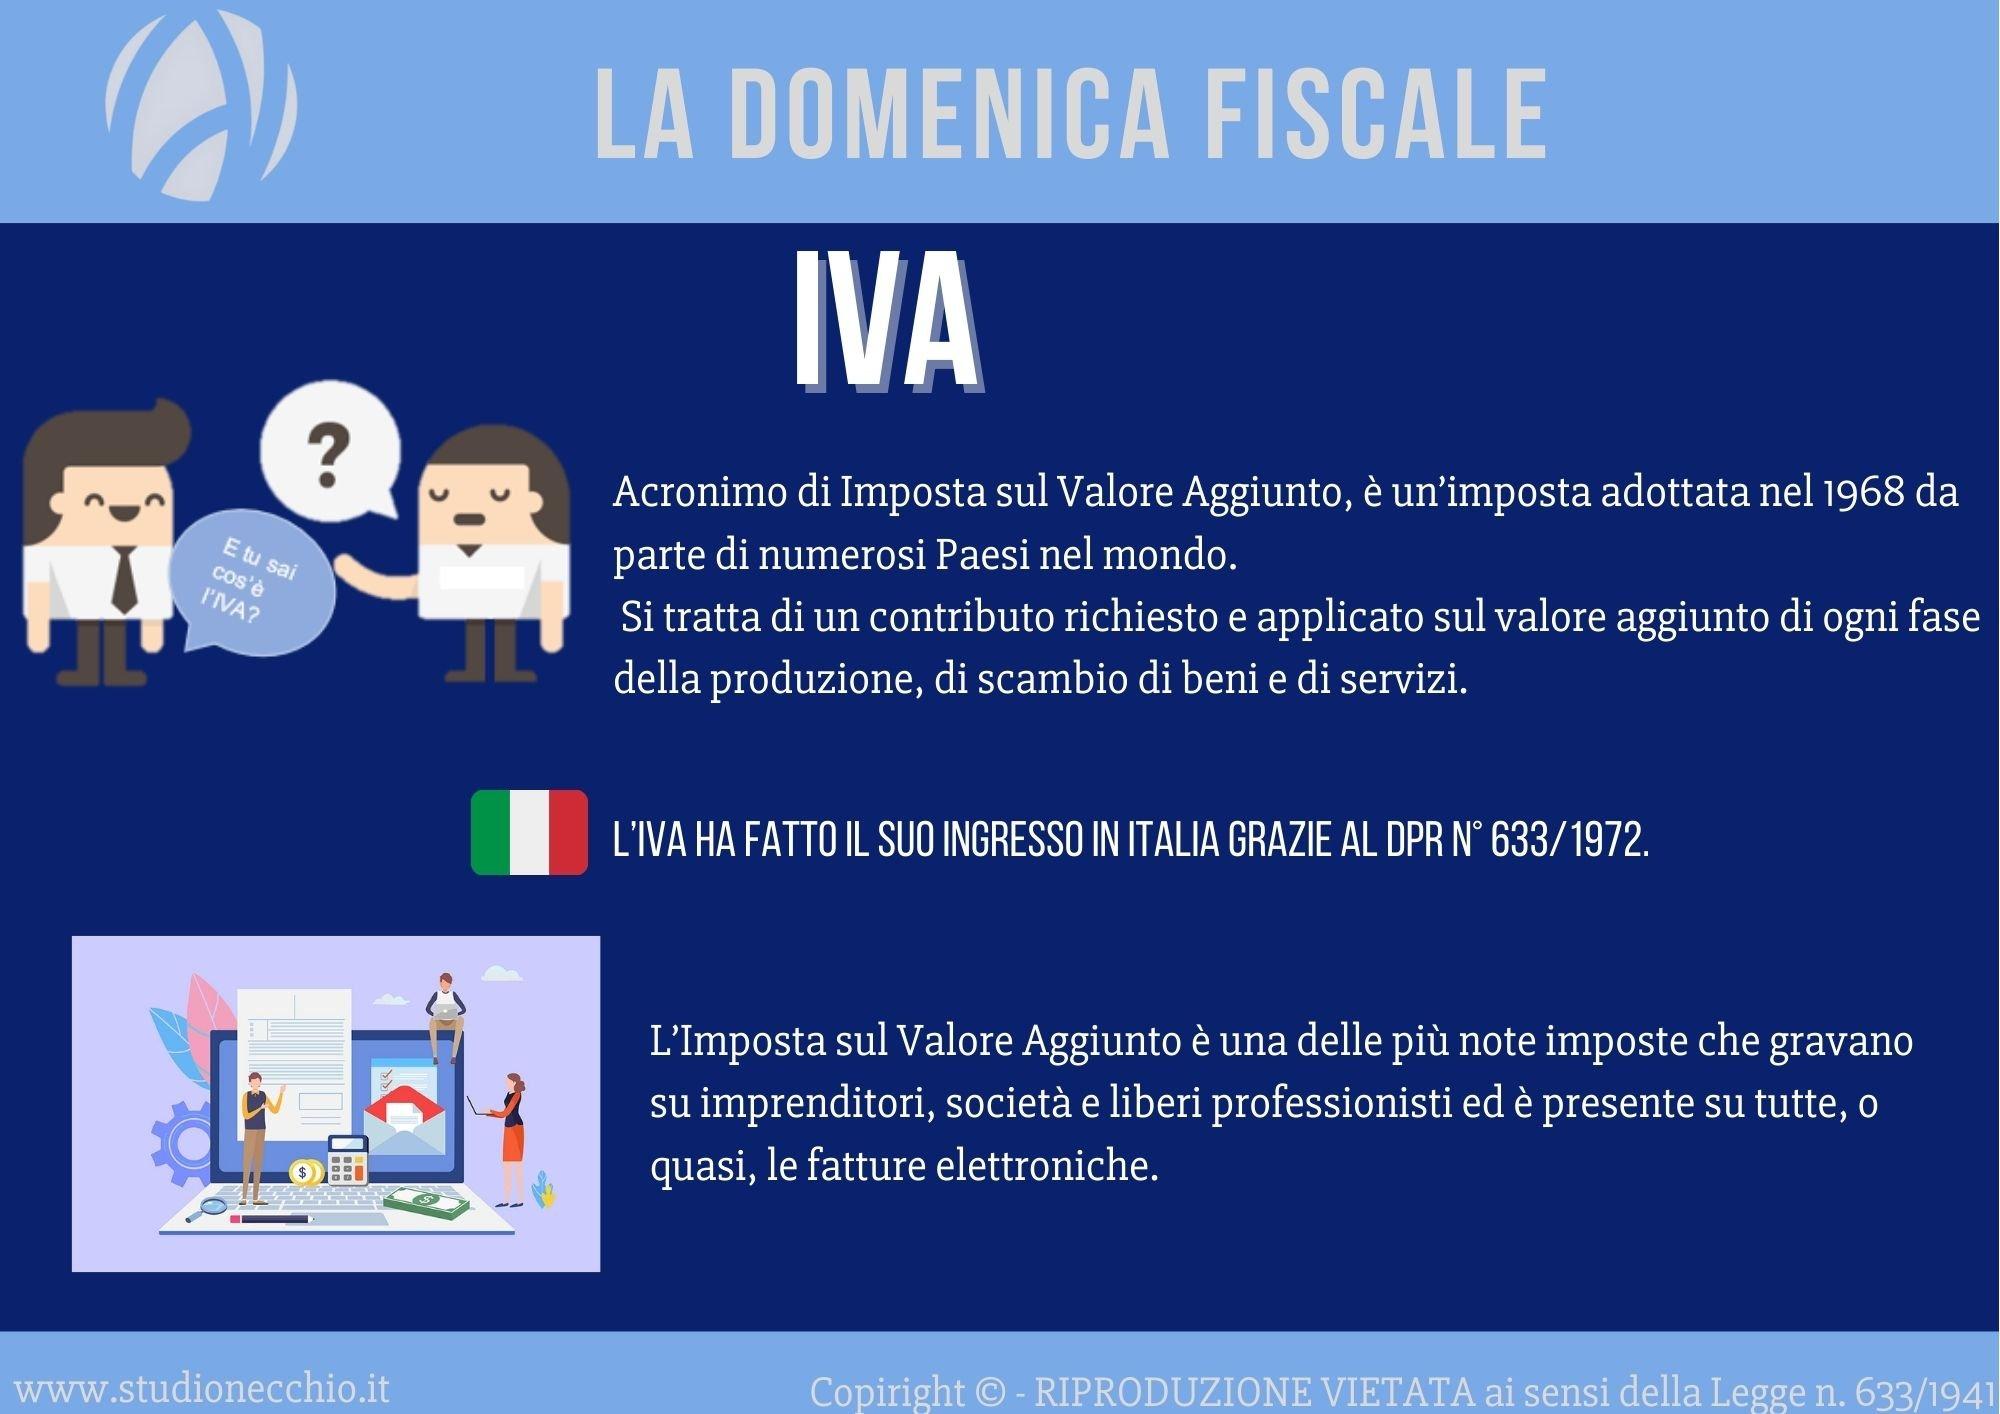 La Domenica Fiscale – IVA: imposta sul valore aggiunto